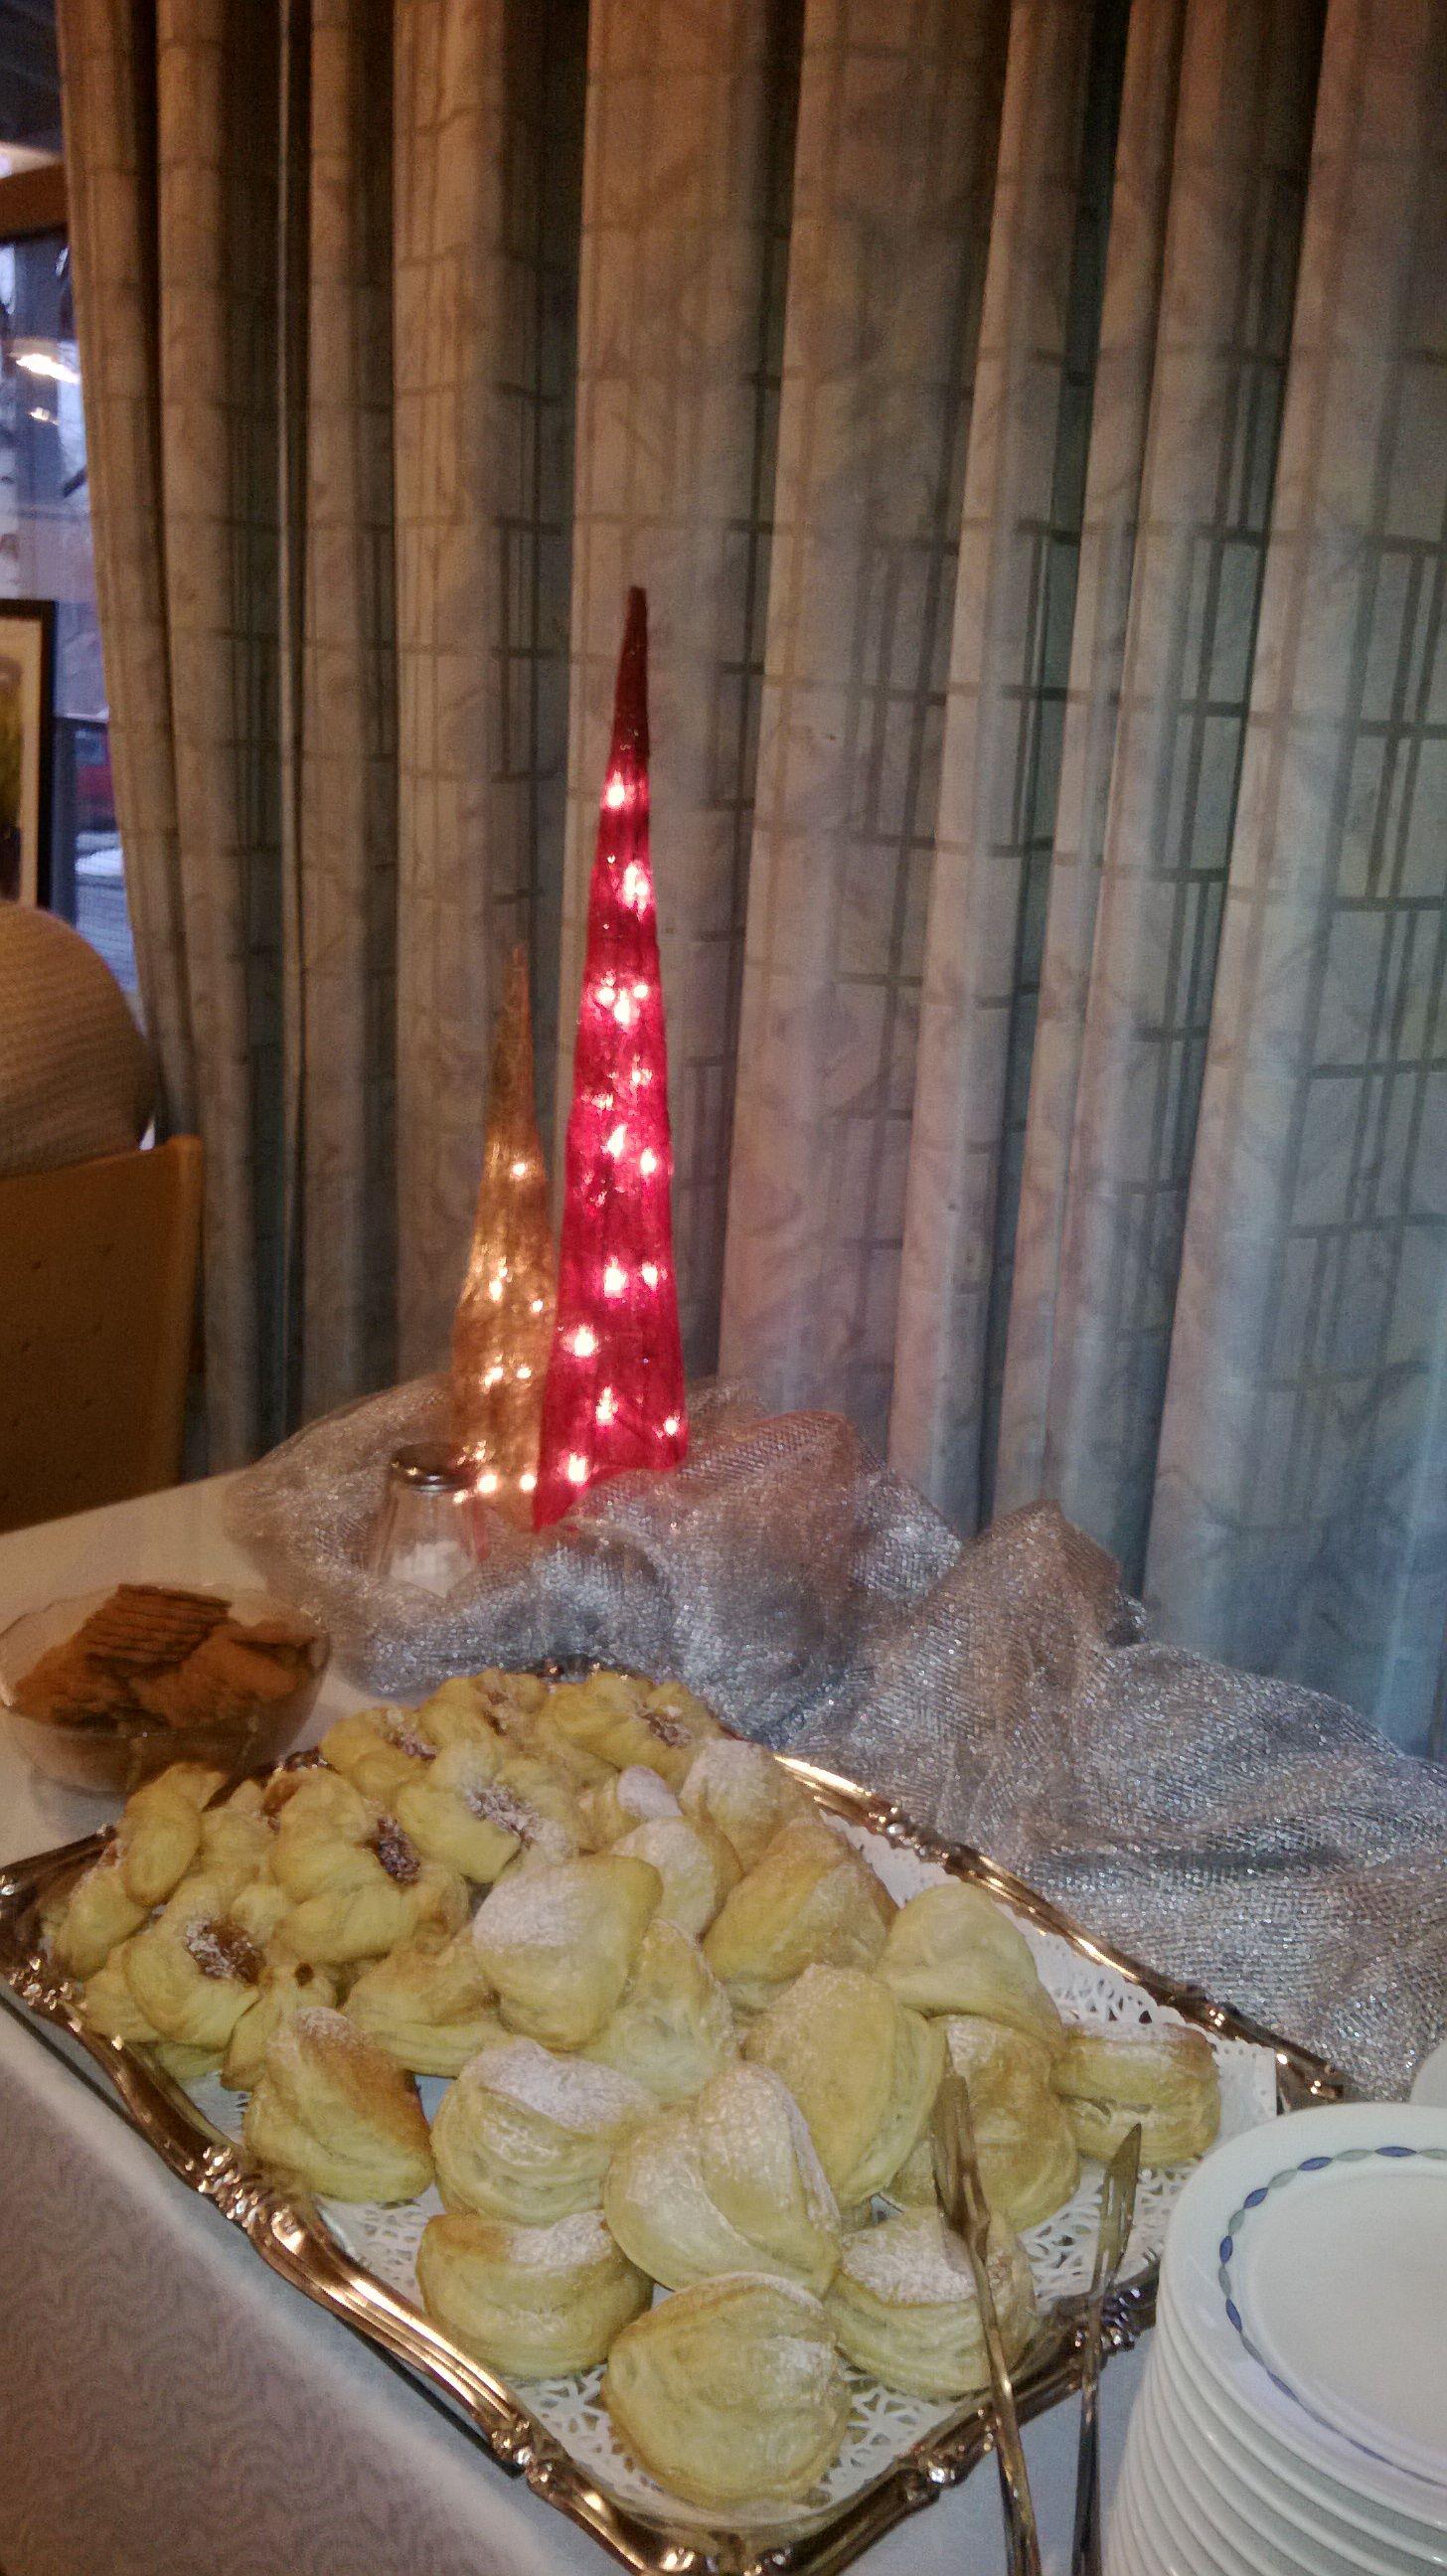 joulua pöytään. -Annamari-